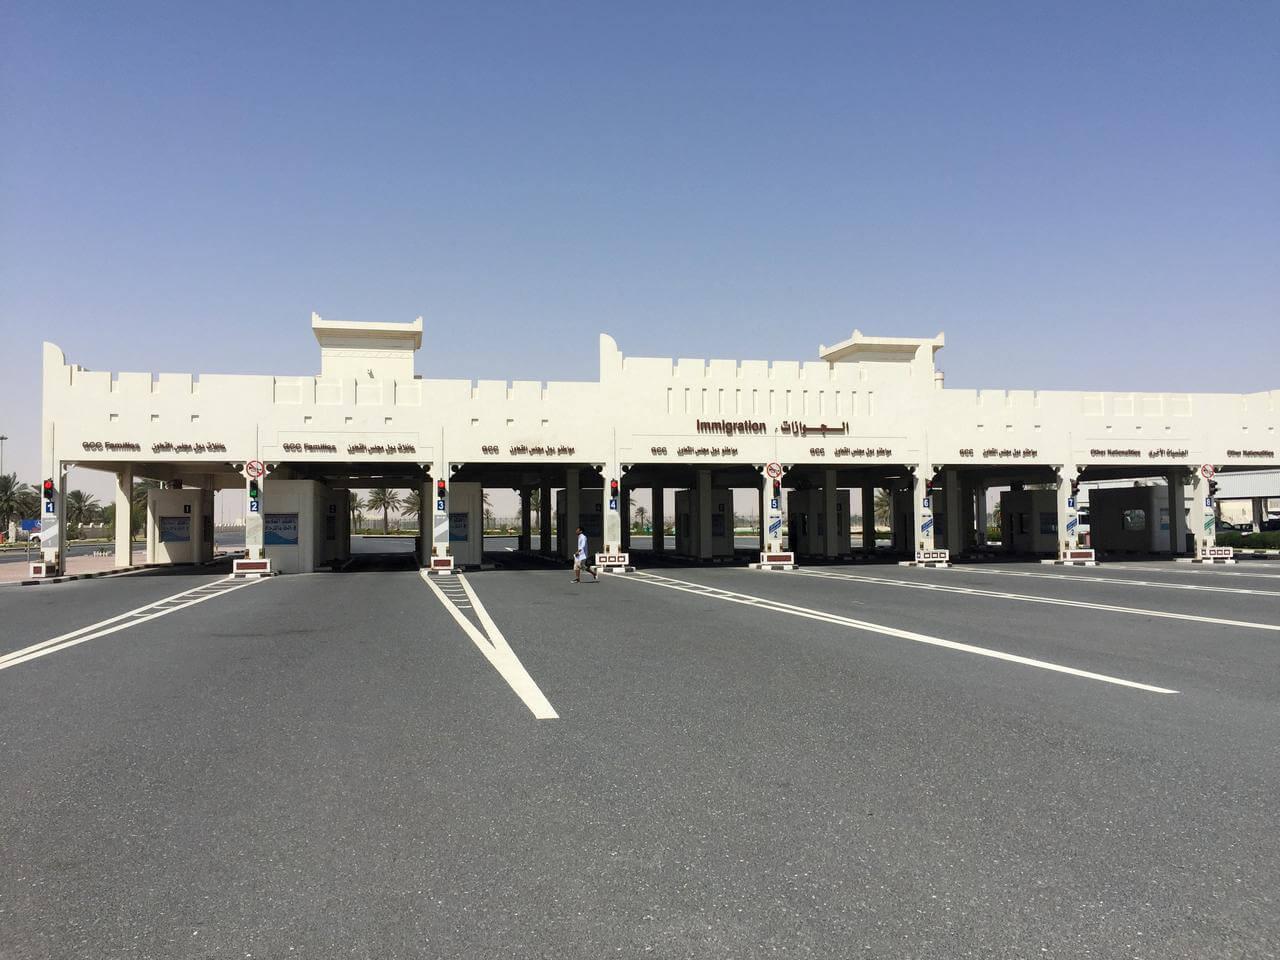 Suudi Arabistan Türk Ürünlerinin Ülkeye Girişini Zorlaştırıyor